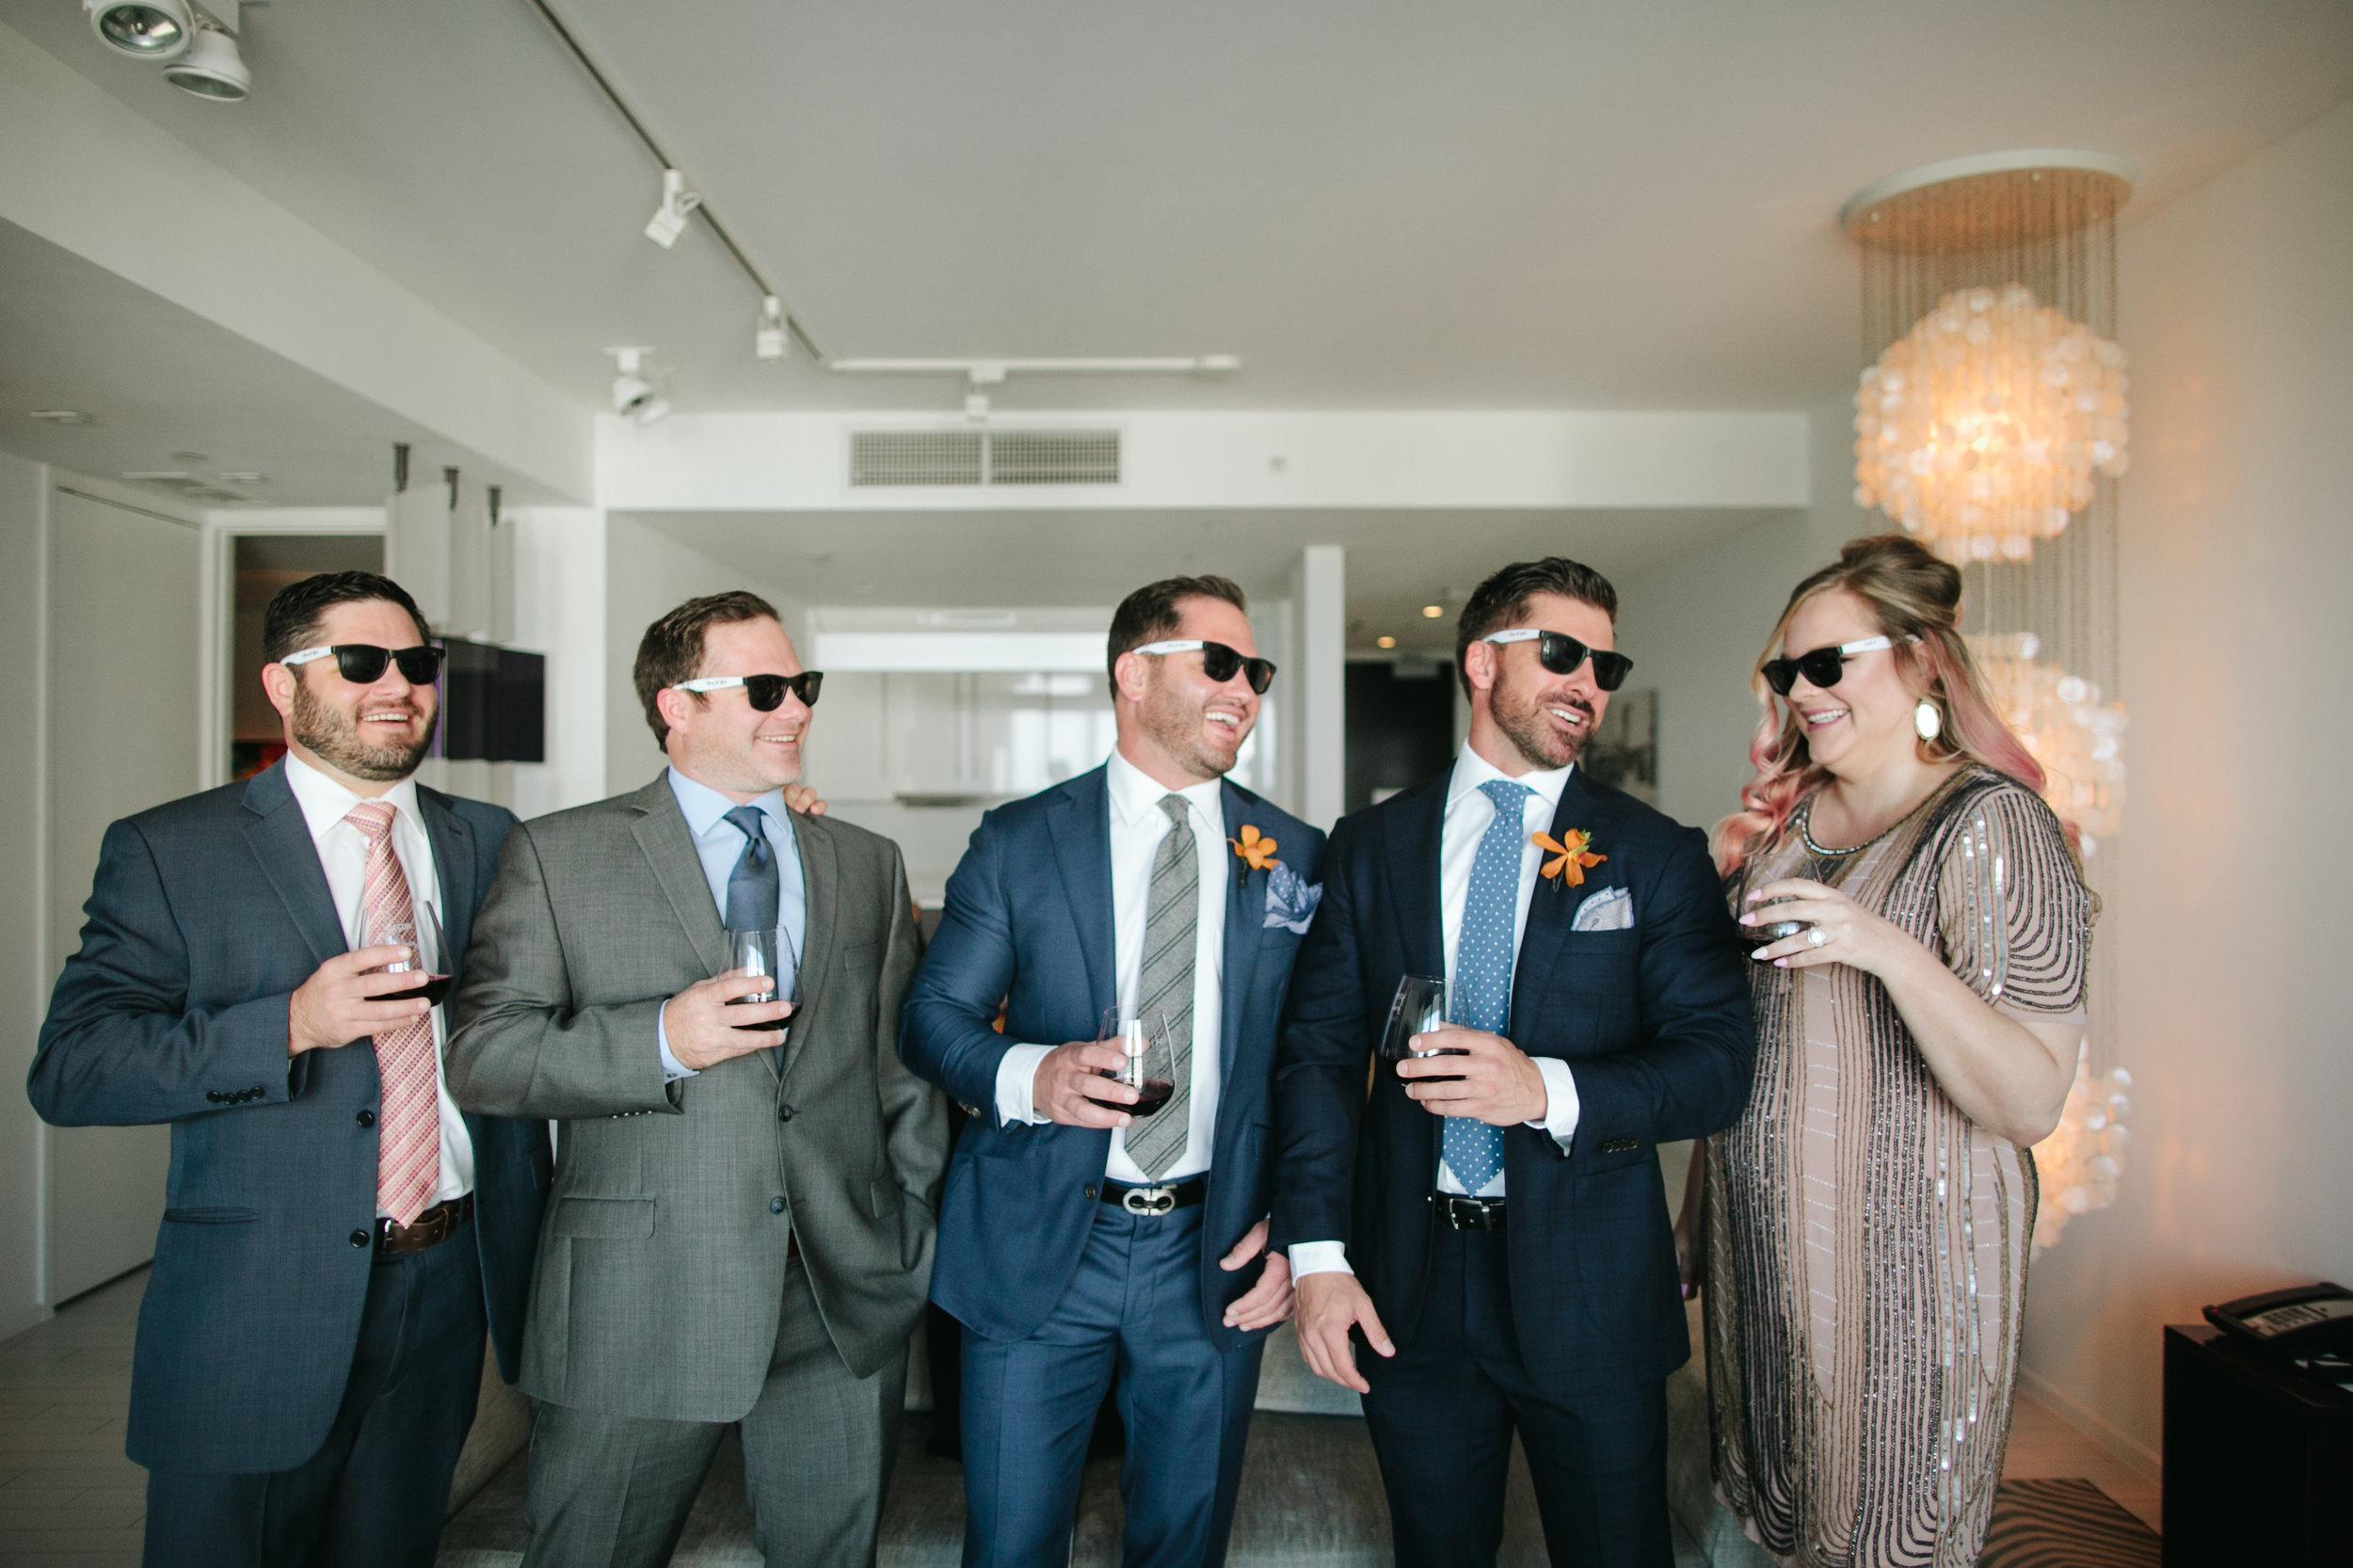 W South Beach Wedding (8).jpg